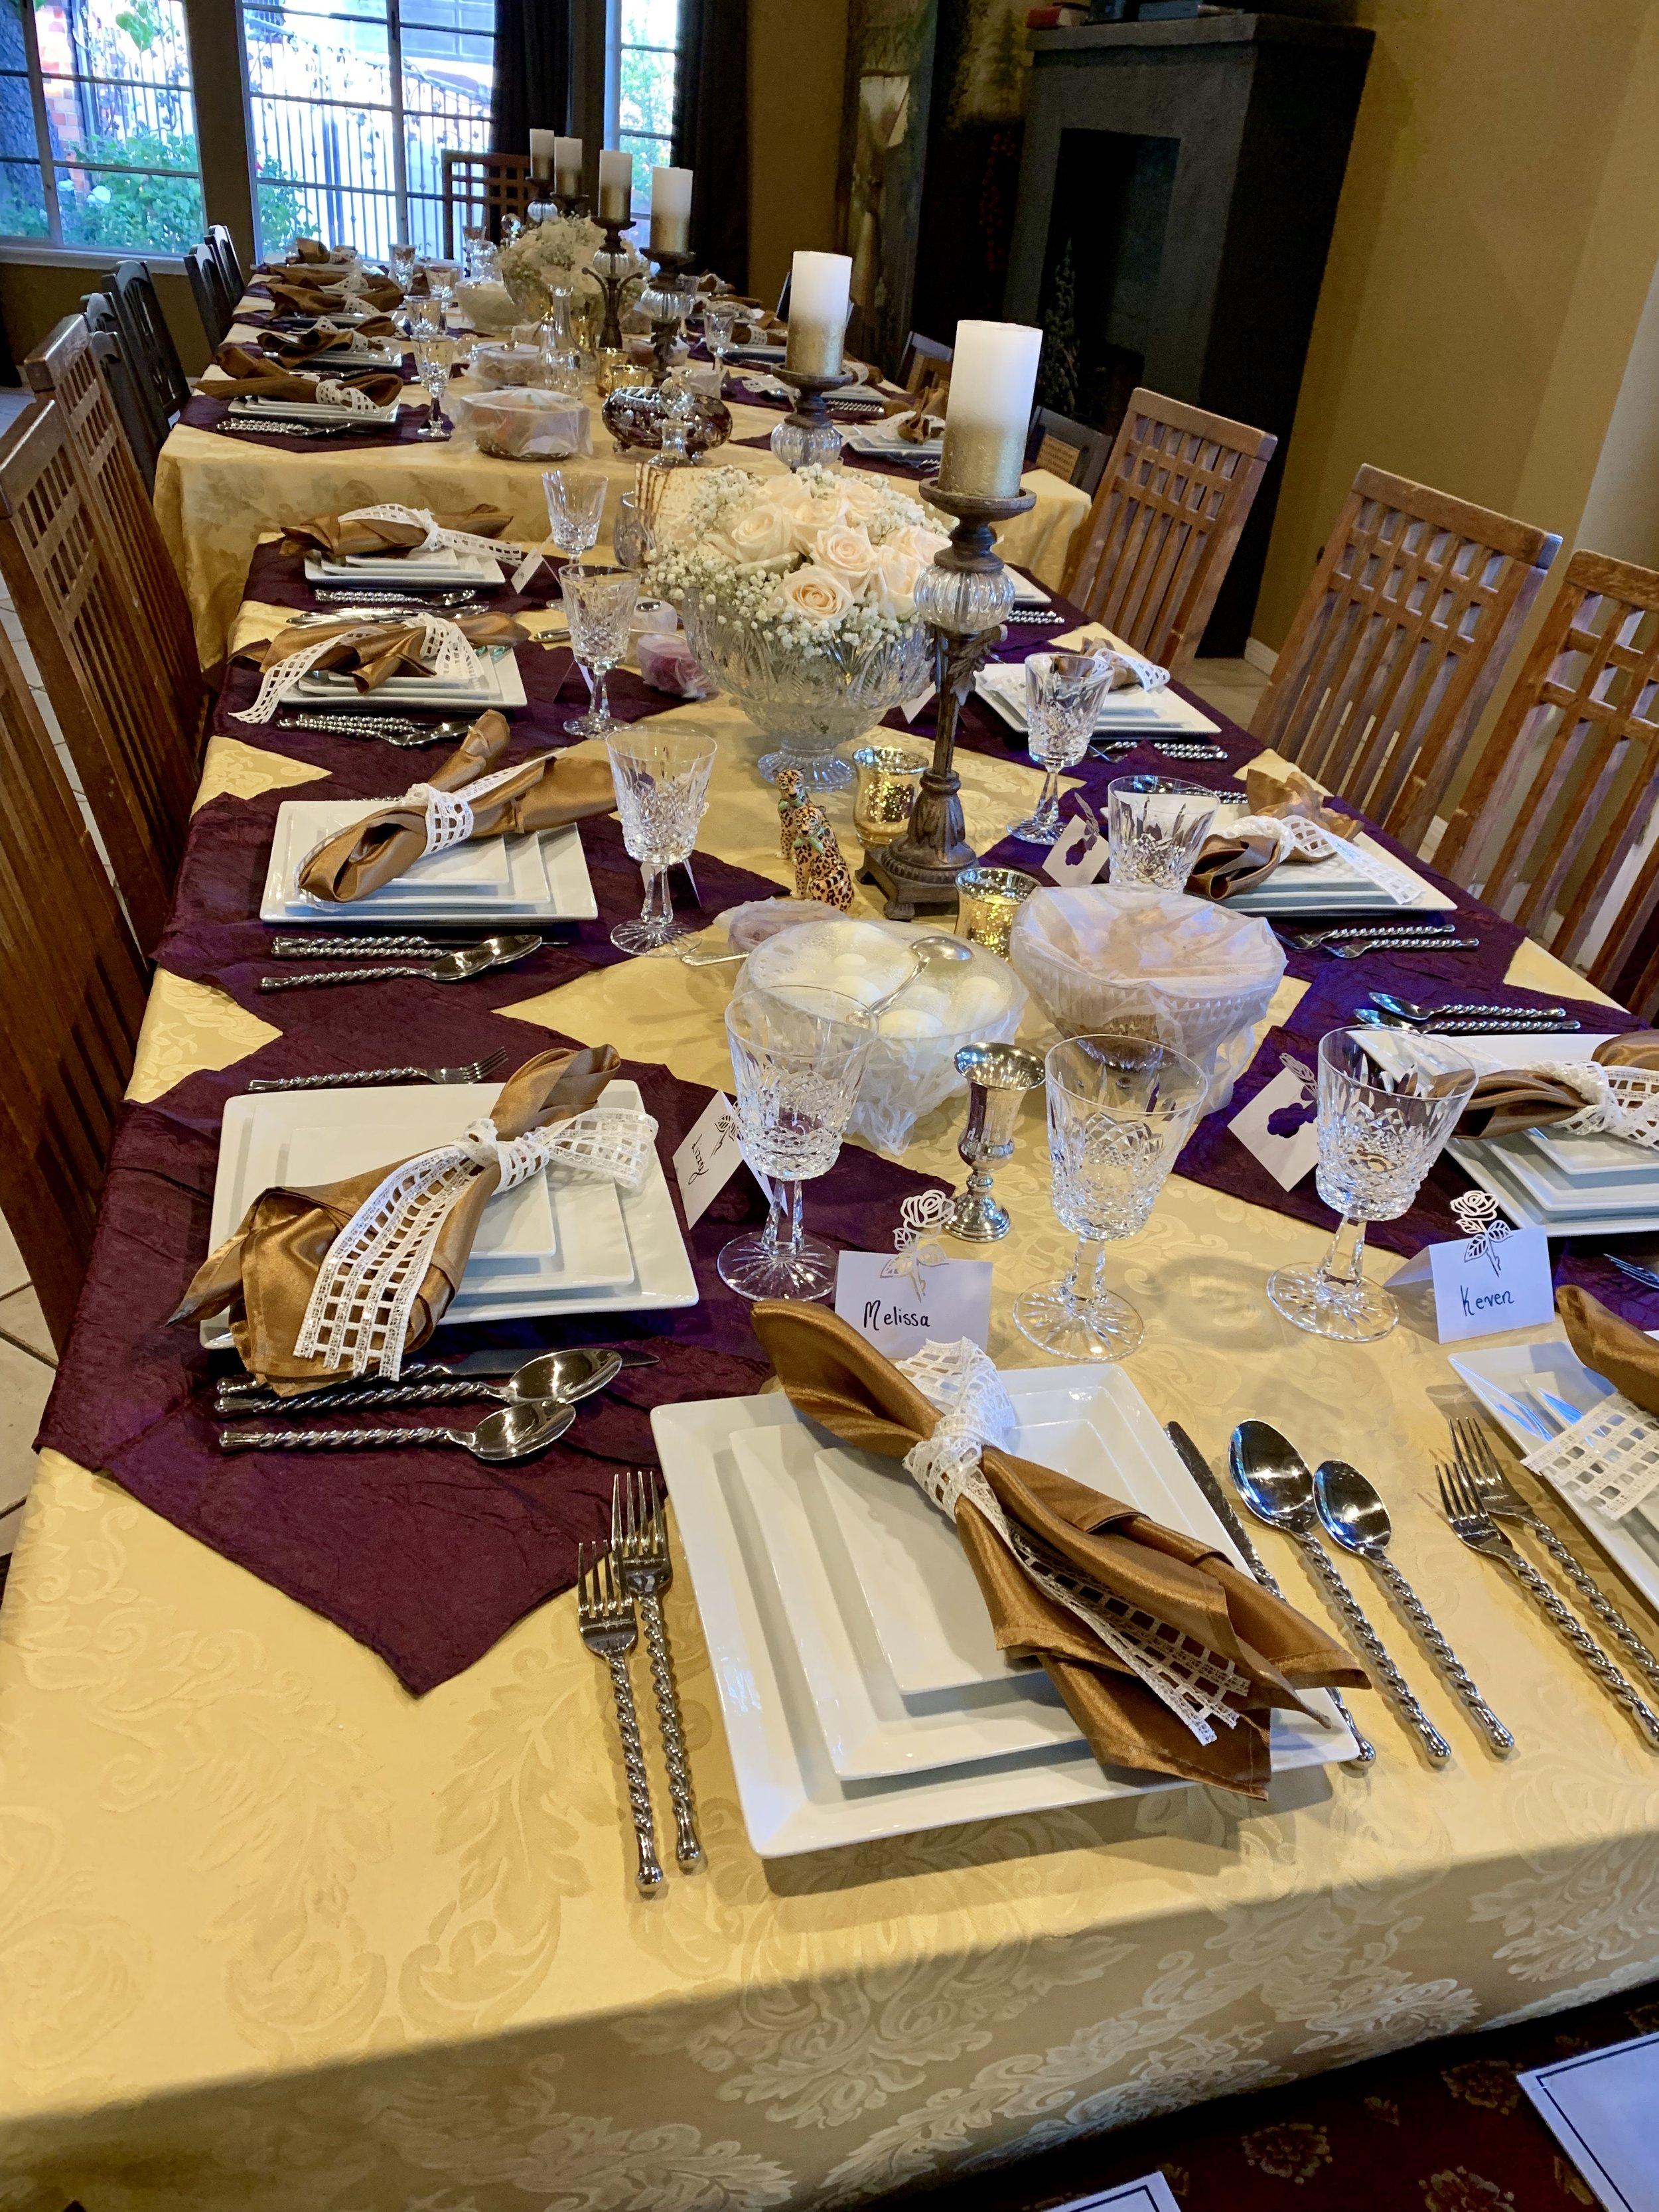 The Sedar table